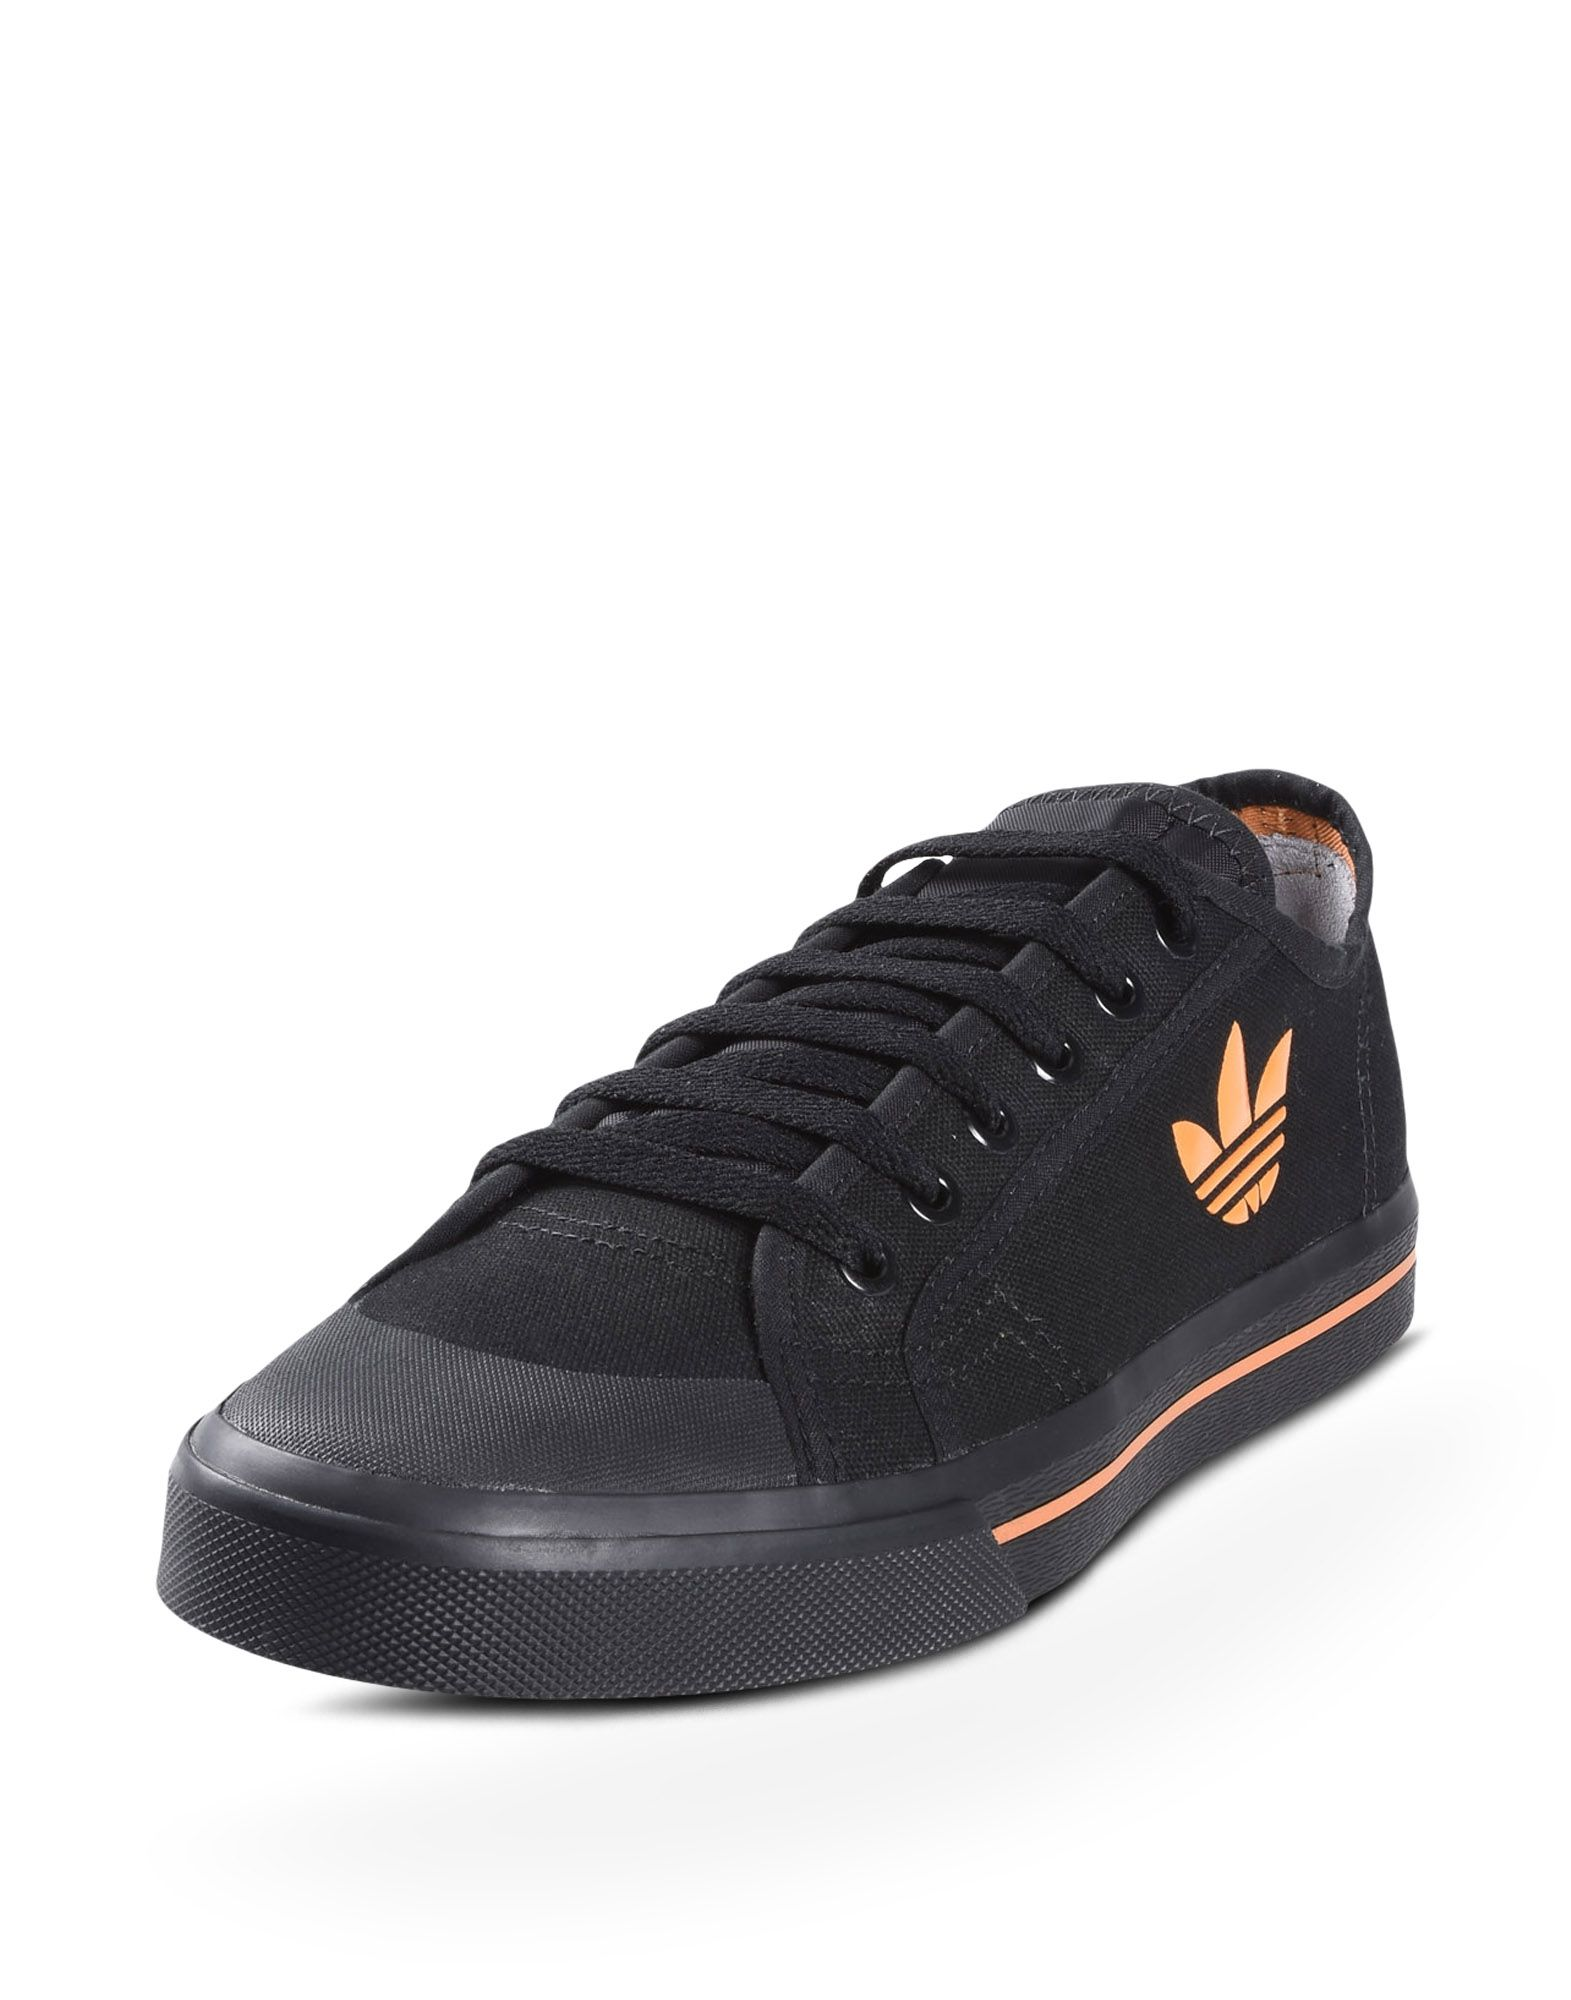 Adidas Par Baskets Raf Esprit De Simons - Noir srnrGLUP